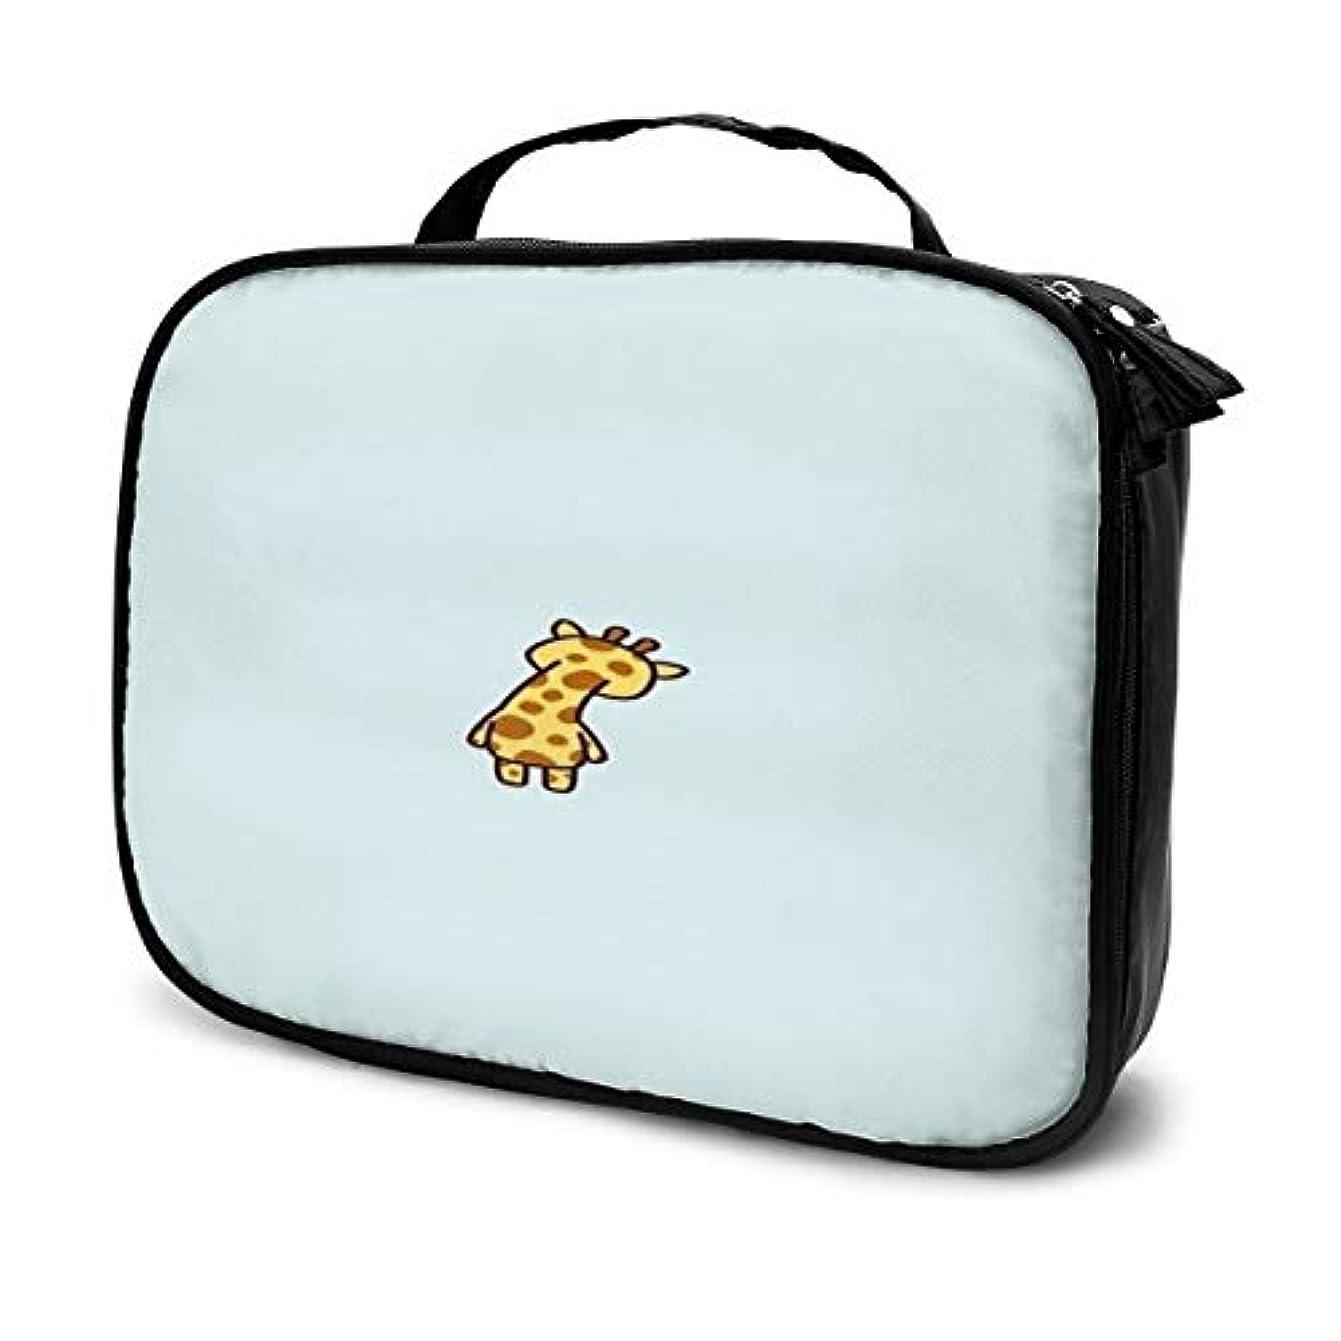 ネブマーキー構想するDaituキリン 化粧品袋の女性旅行バッグ収納大容量防水アクセサリー旅行